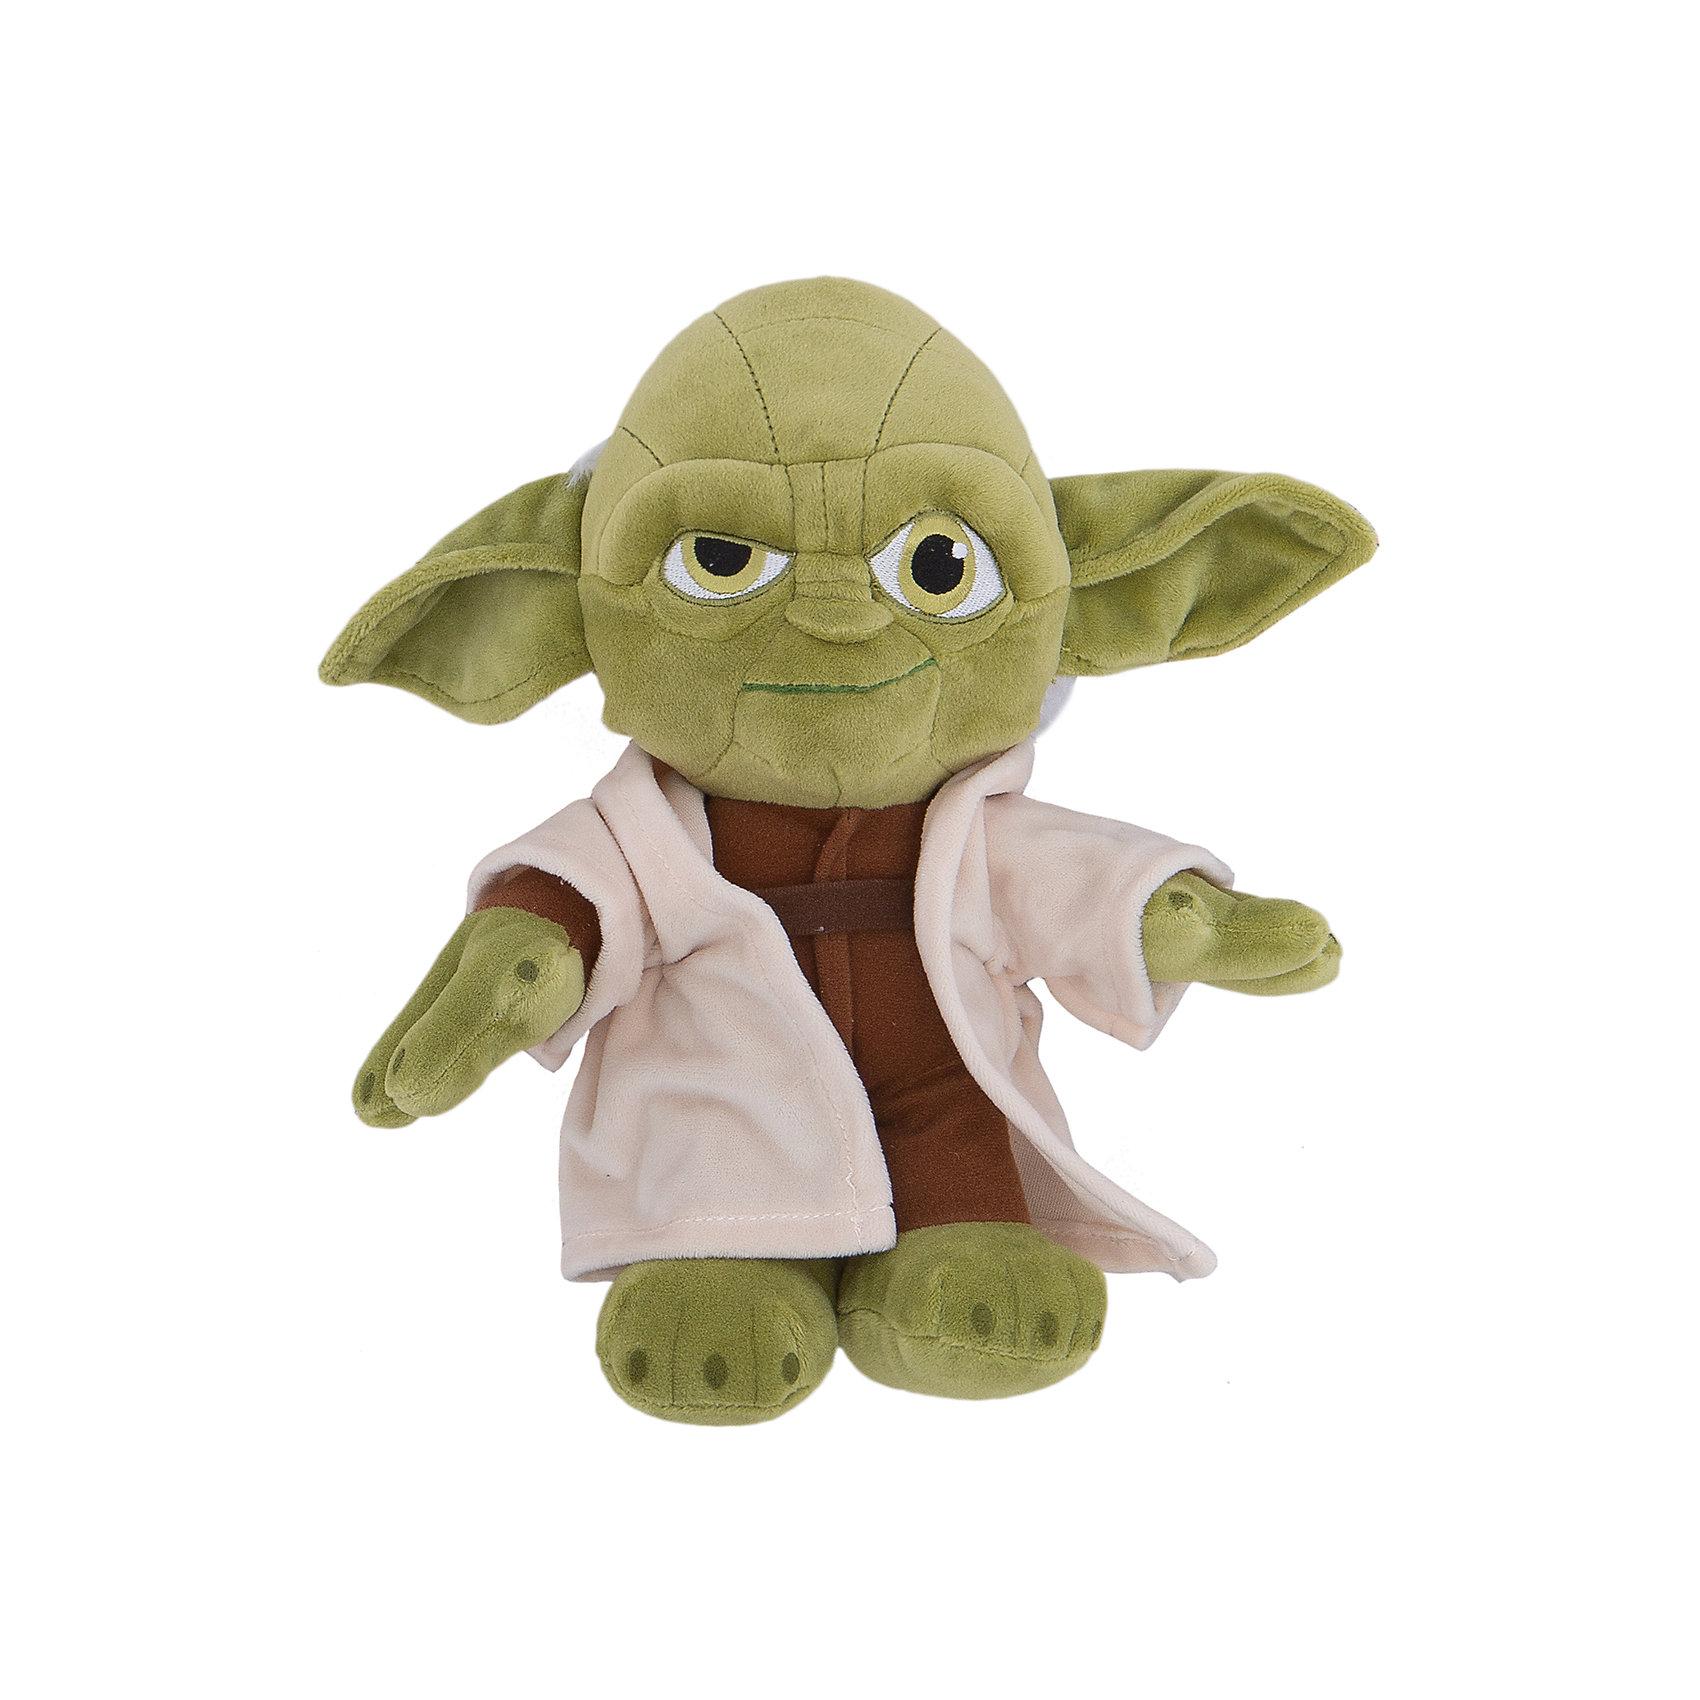 Disney Мягкая игрушка Йода, 25 см, Звездные войны мультиметр uyigao ac dc ua18